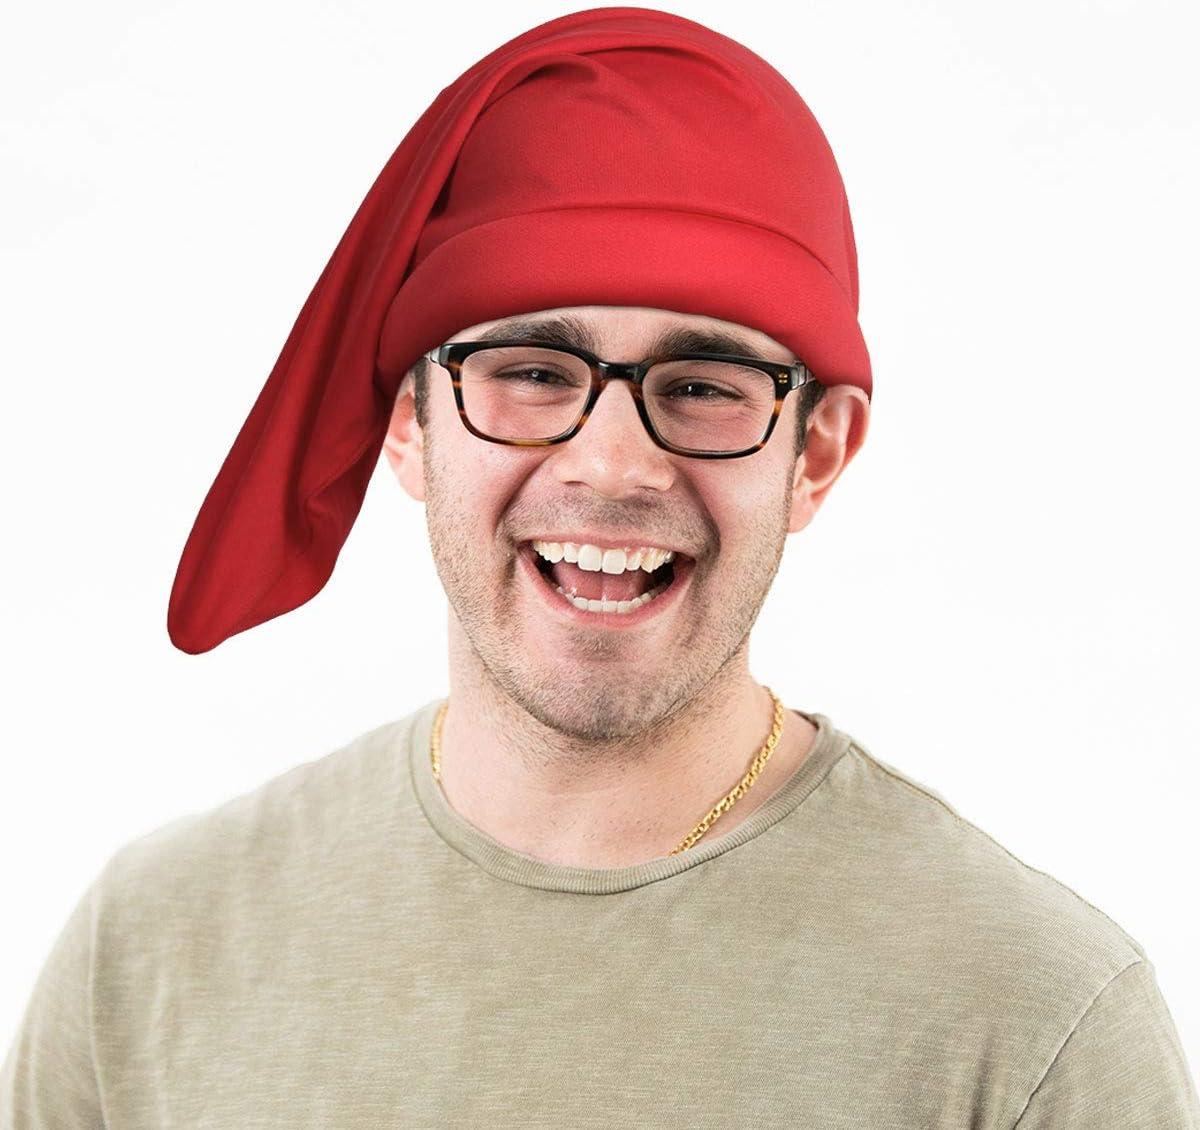 Rouge NUWIND 12 Bonnet de Nain Elf Chapeau Pointu Costume en Sept Couleurs 7 Nain D/éguisement Accessoire pour Carnaval Halloween